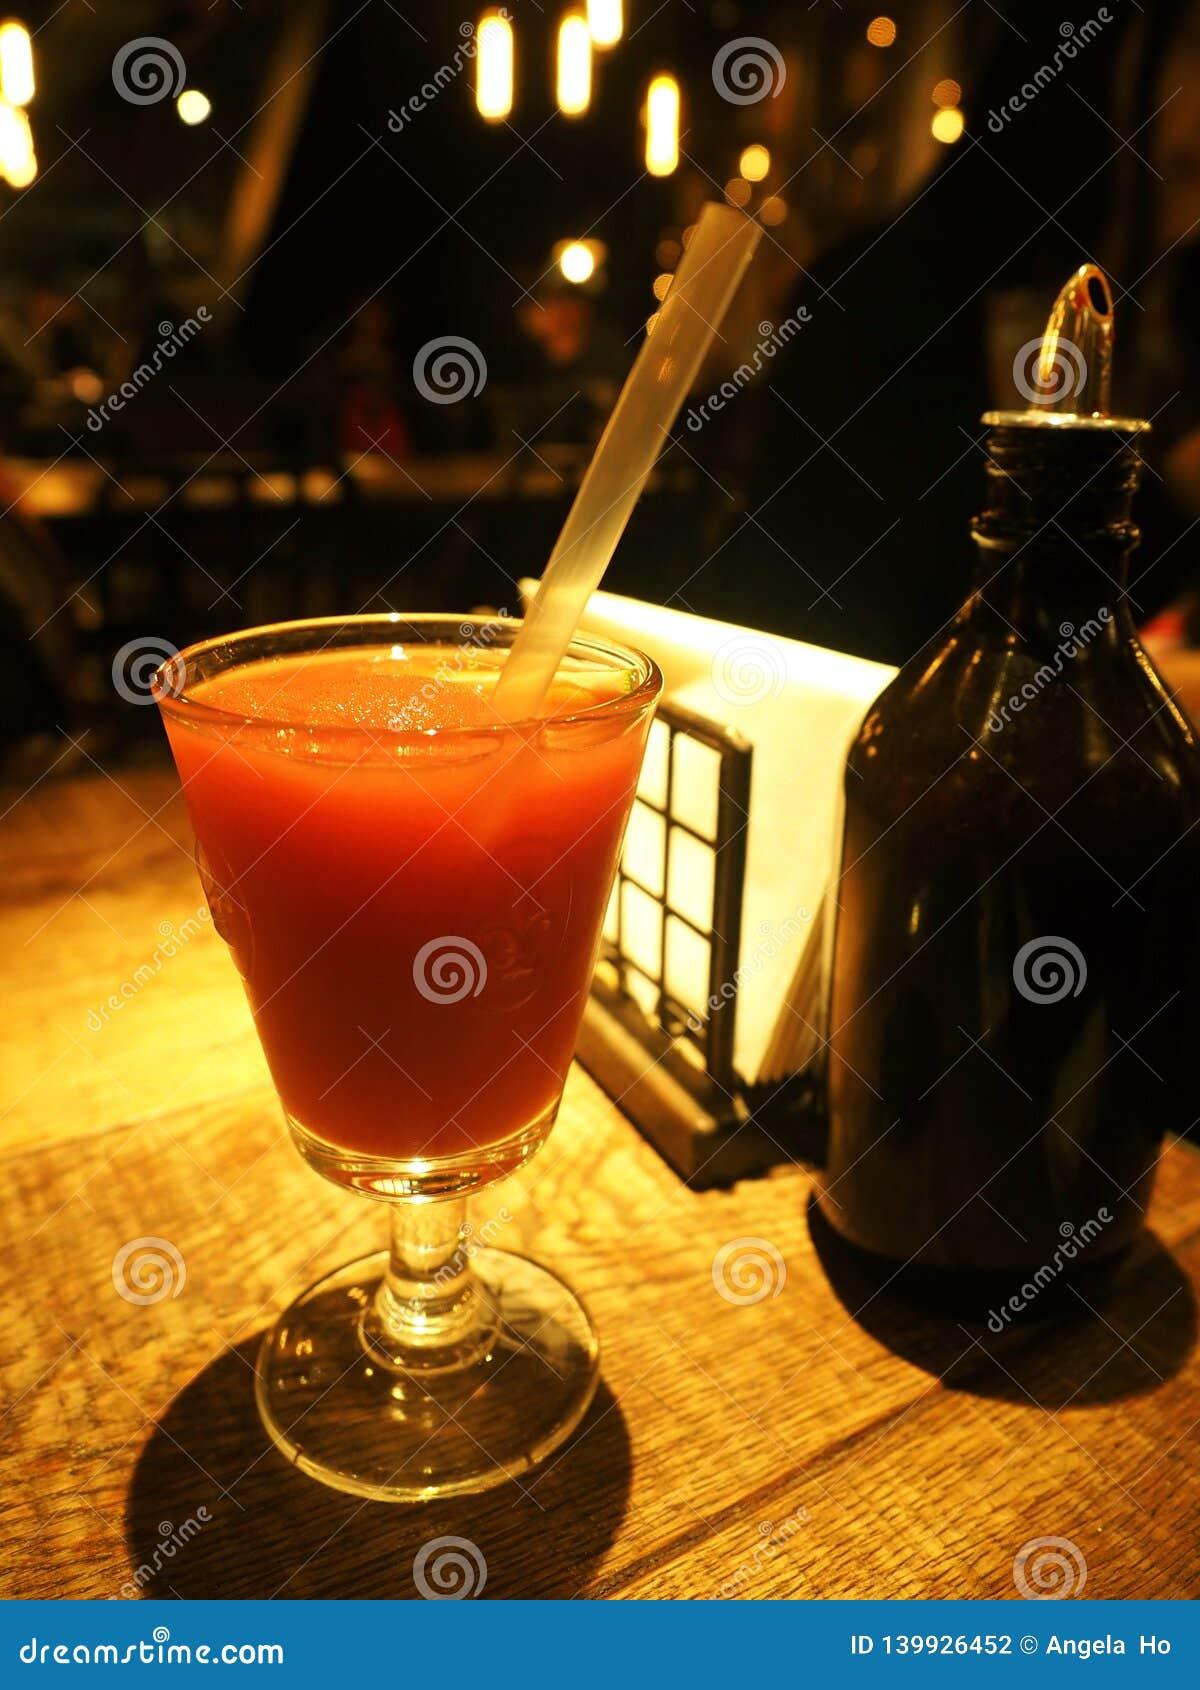 Ein Auffrischungserdbeerschlamm in einem Glas auf einem Weinleseholztisch in einem Restaurant